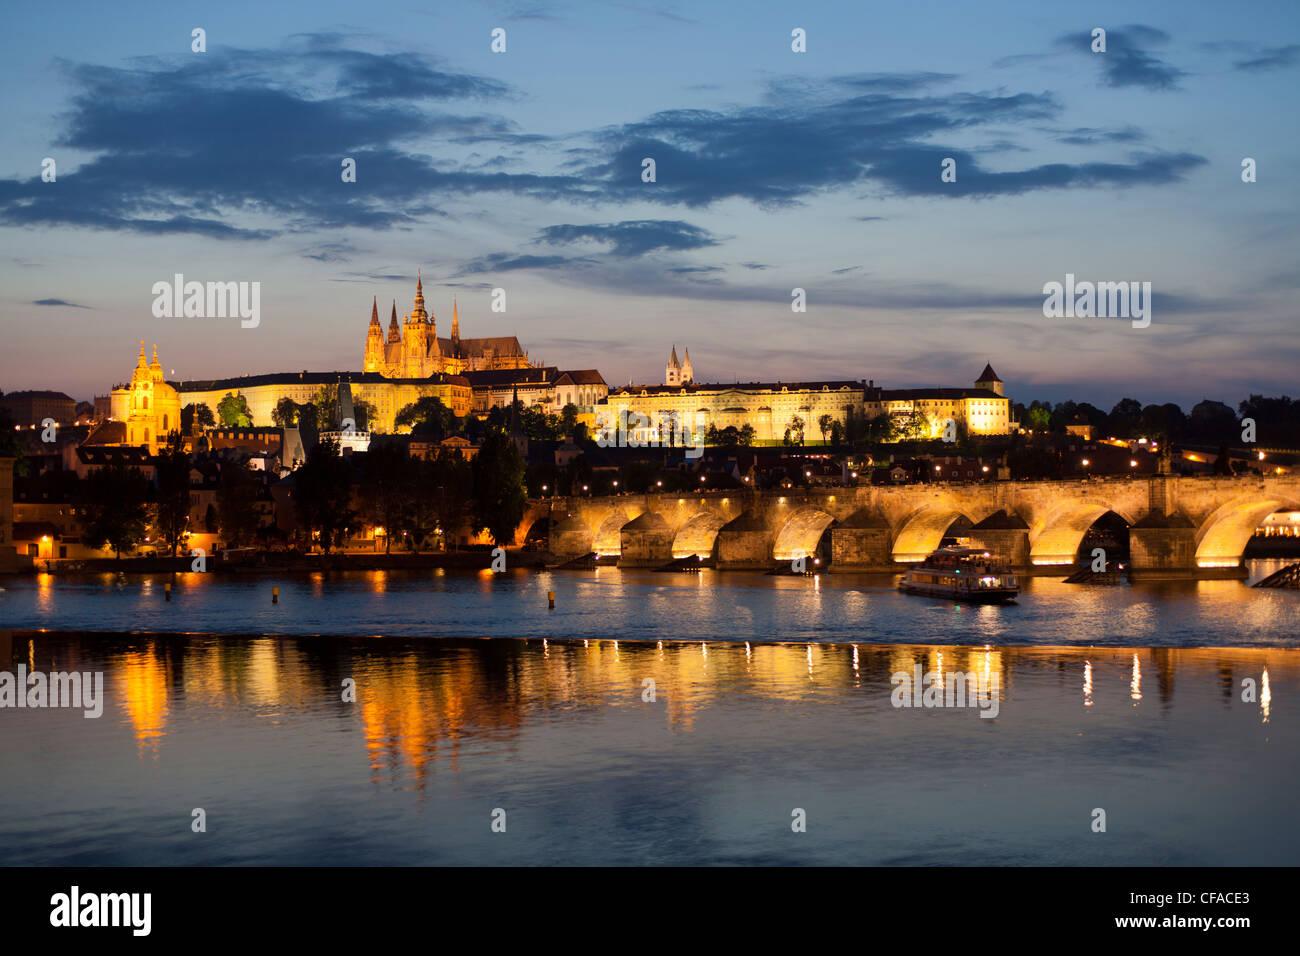 Catedral de San Vito, el Puente Carlos y el barrio del castillo iluminado en la noche, Praga, República Checa Imagen De Stock